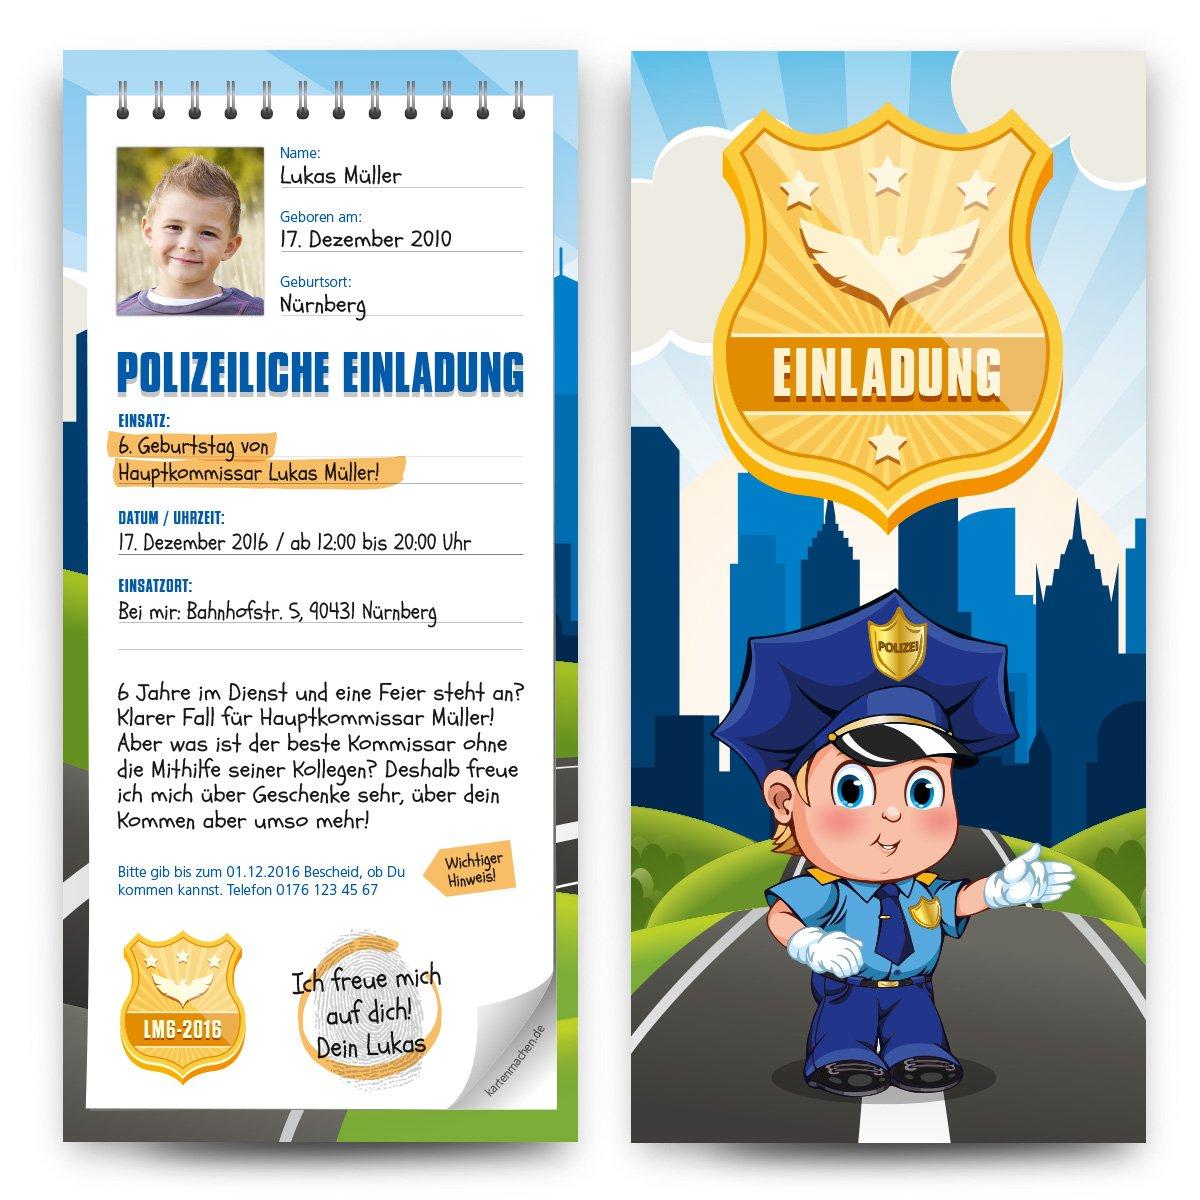 Einladungskarten Kinder Kinder Kinder (60 Stück) Geburtstag als Polizei Notizblock Vorladung Einladung B01JAK2IBO | Elegante und robuste Verpackung  | Exquisite (mittlere) Verarbeitung  | Hat einen langen Ruf  b3df73